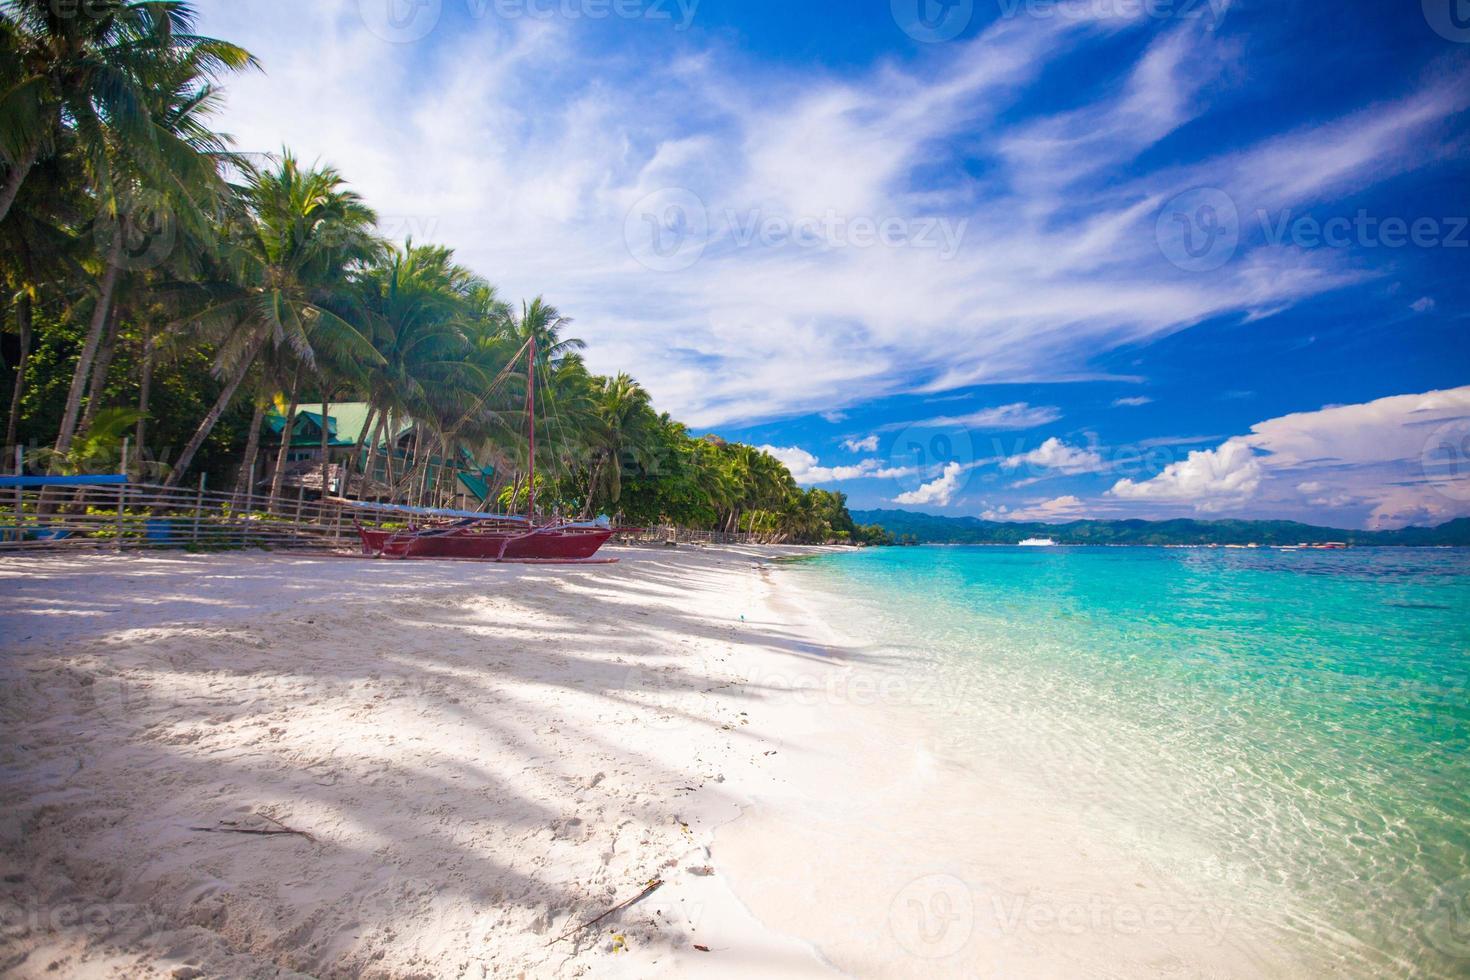 praia tropical com areia branca e um pequeno barco foto